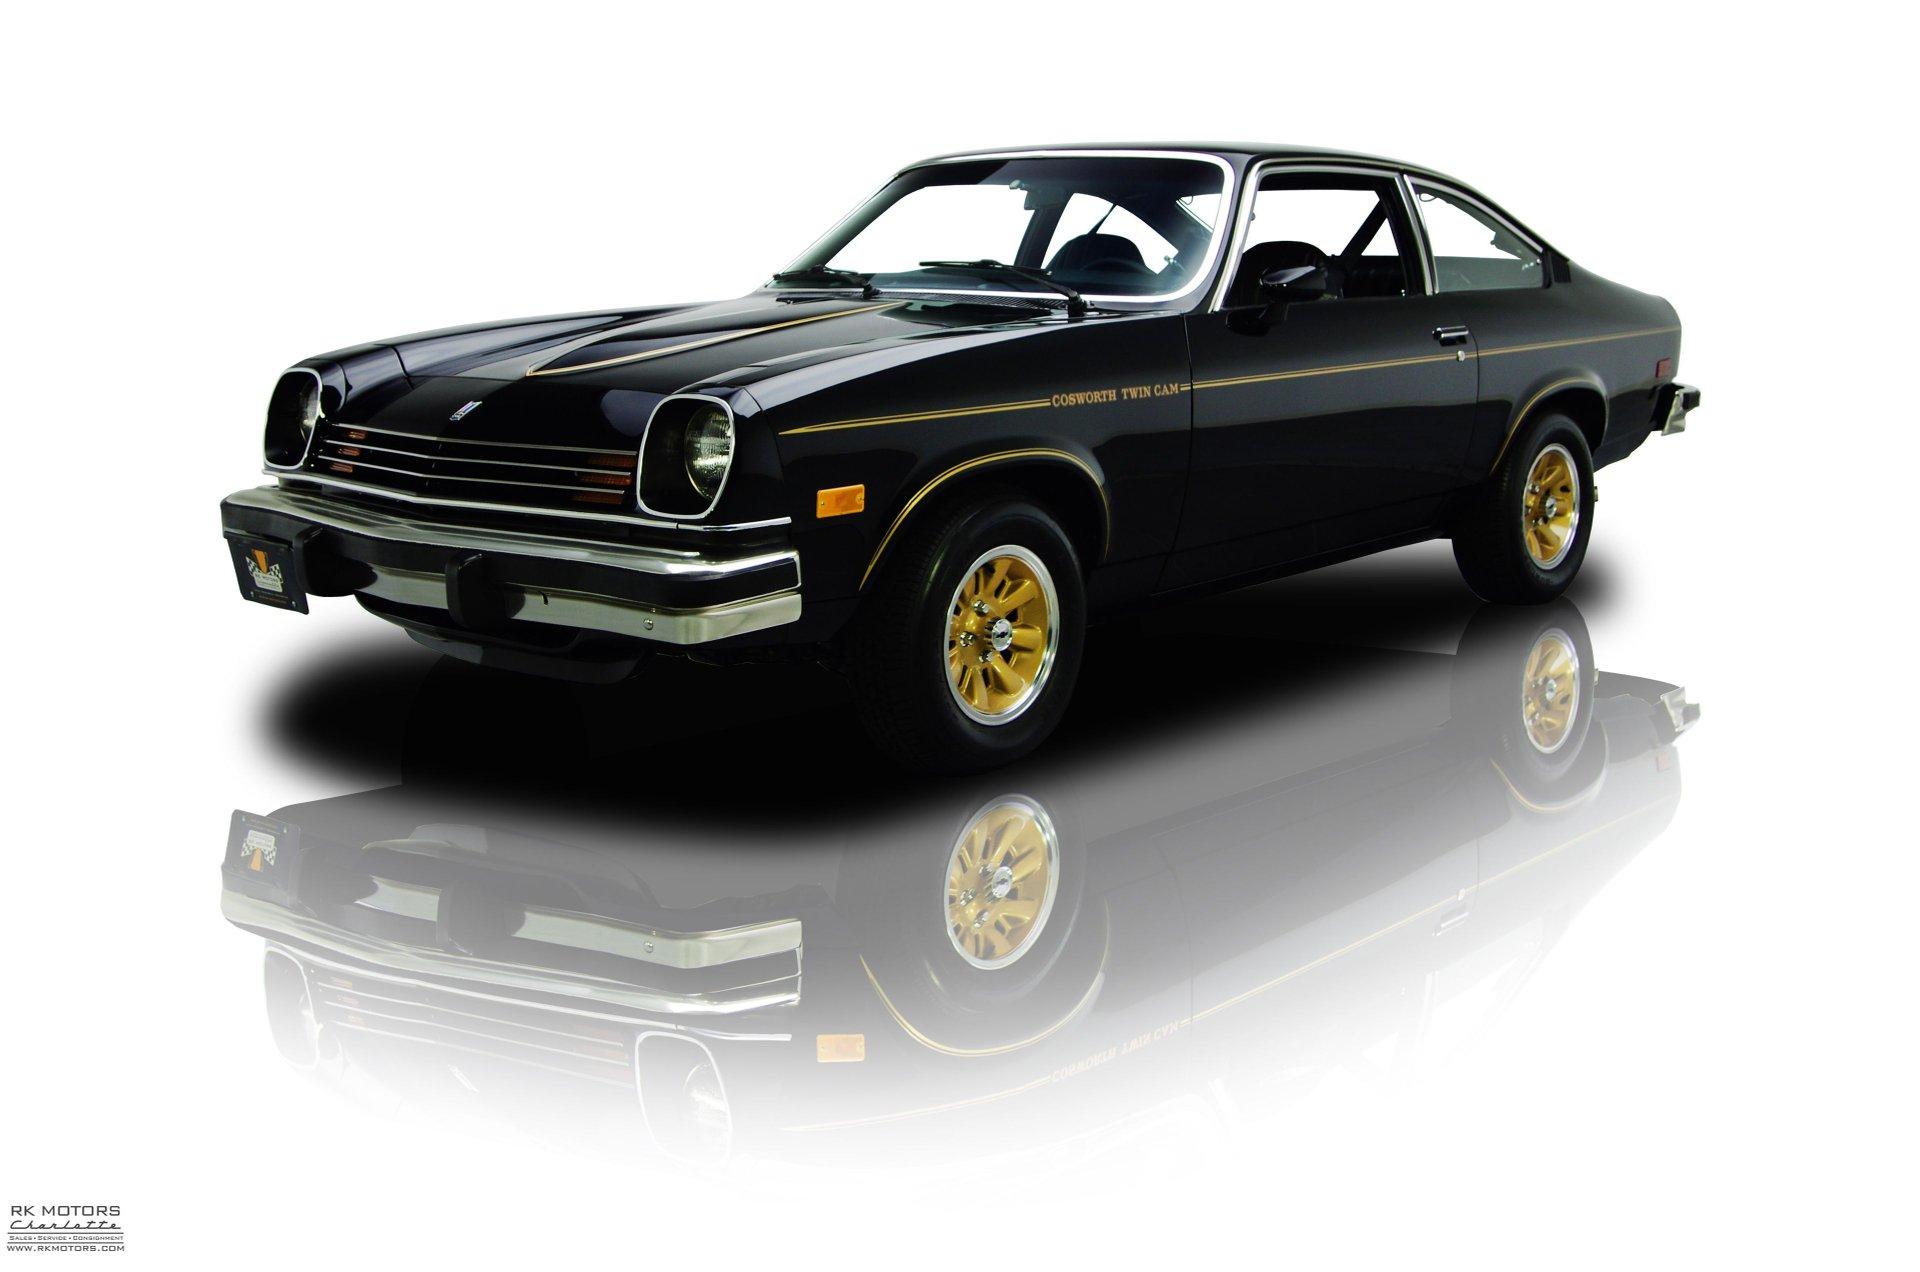 1976 chevrolet vega cosworth